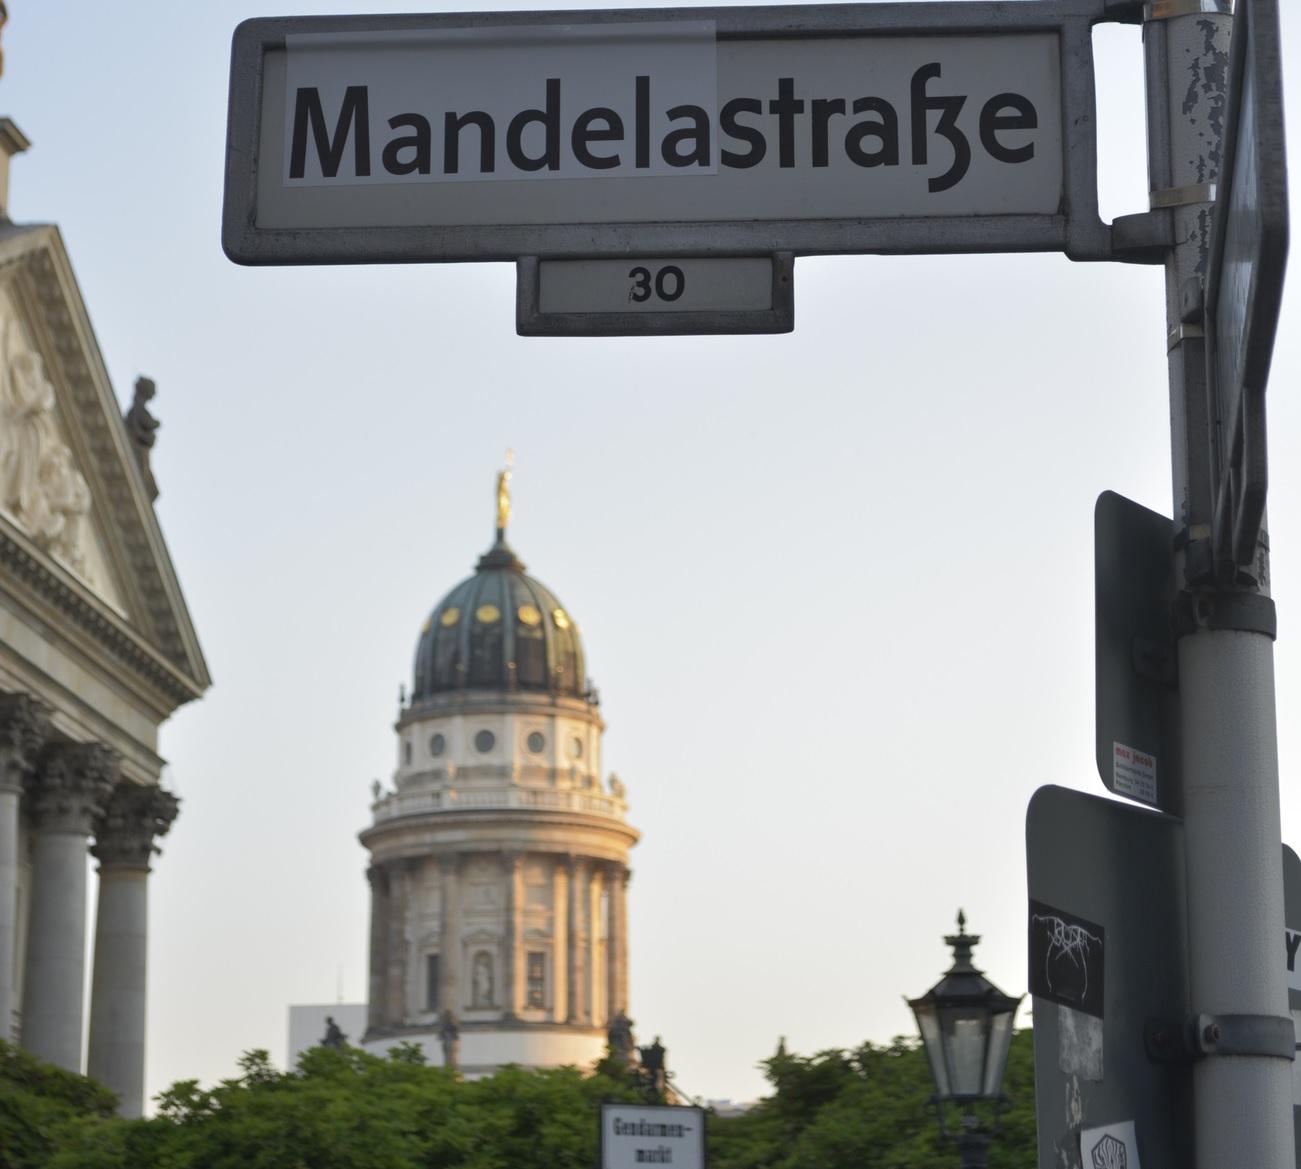 Streetart-Aktion zur Umbenennung der M-Street im Frühjahr 2016